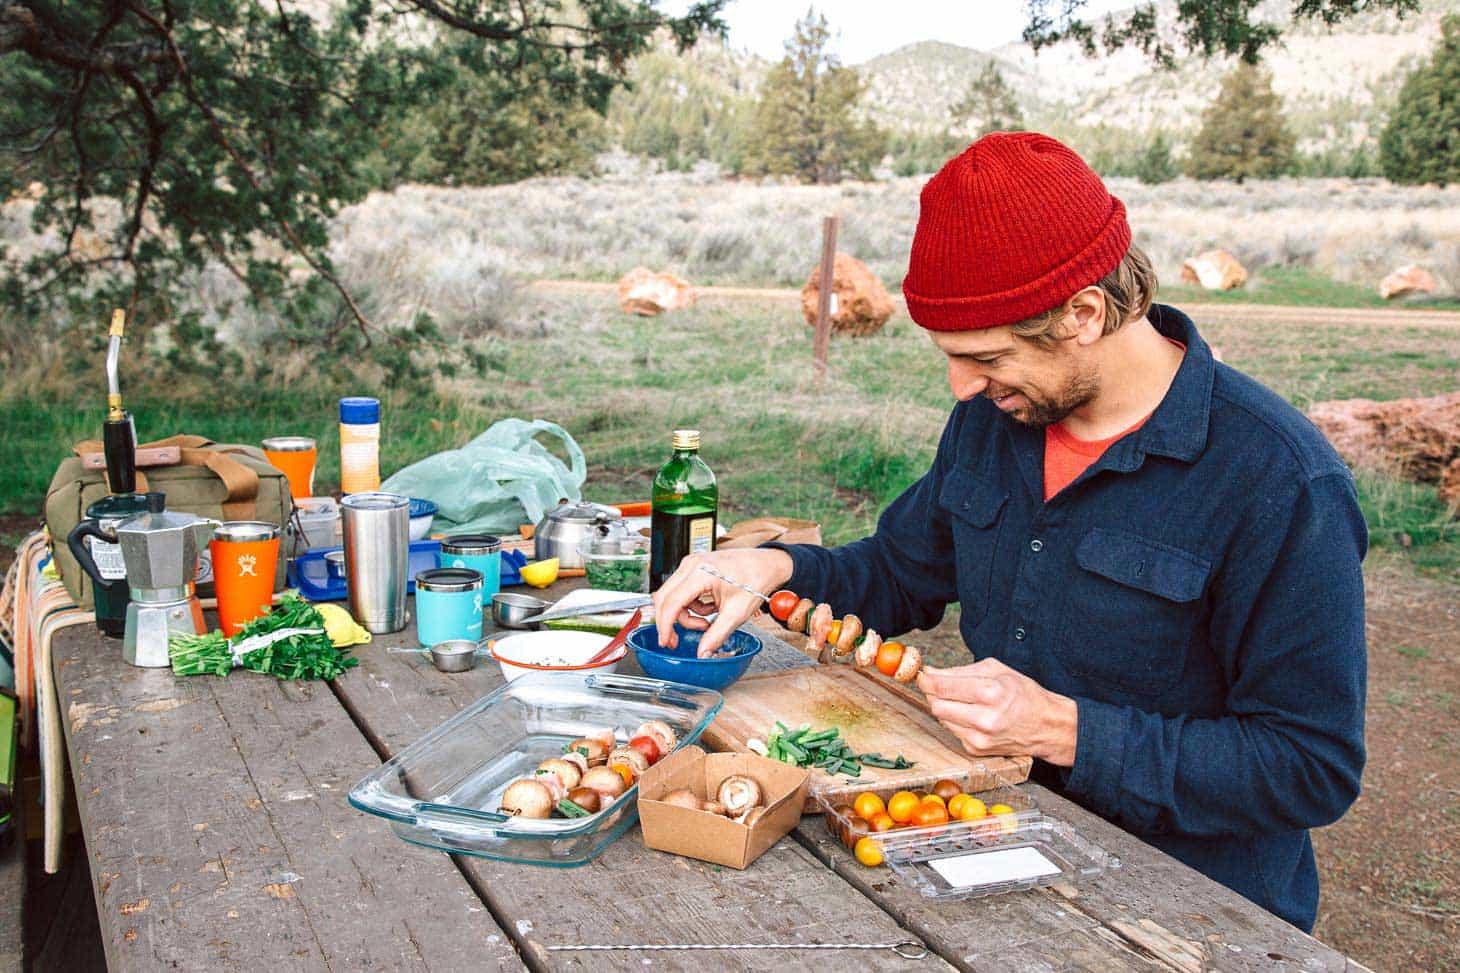 Michael threading ingredients onto skewers